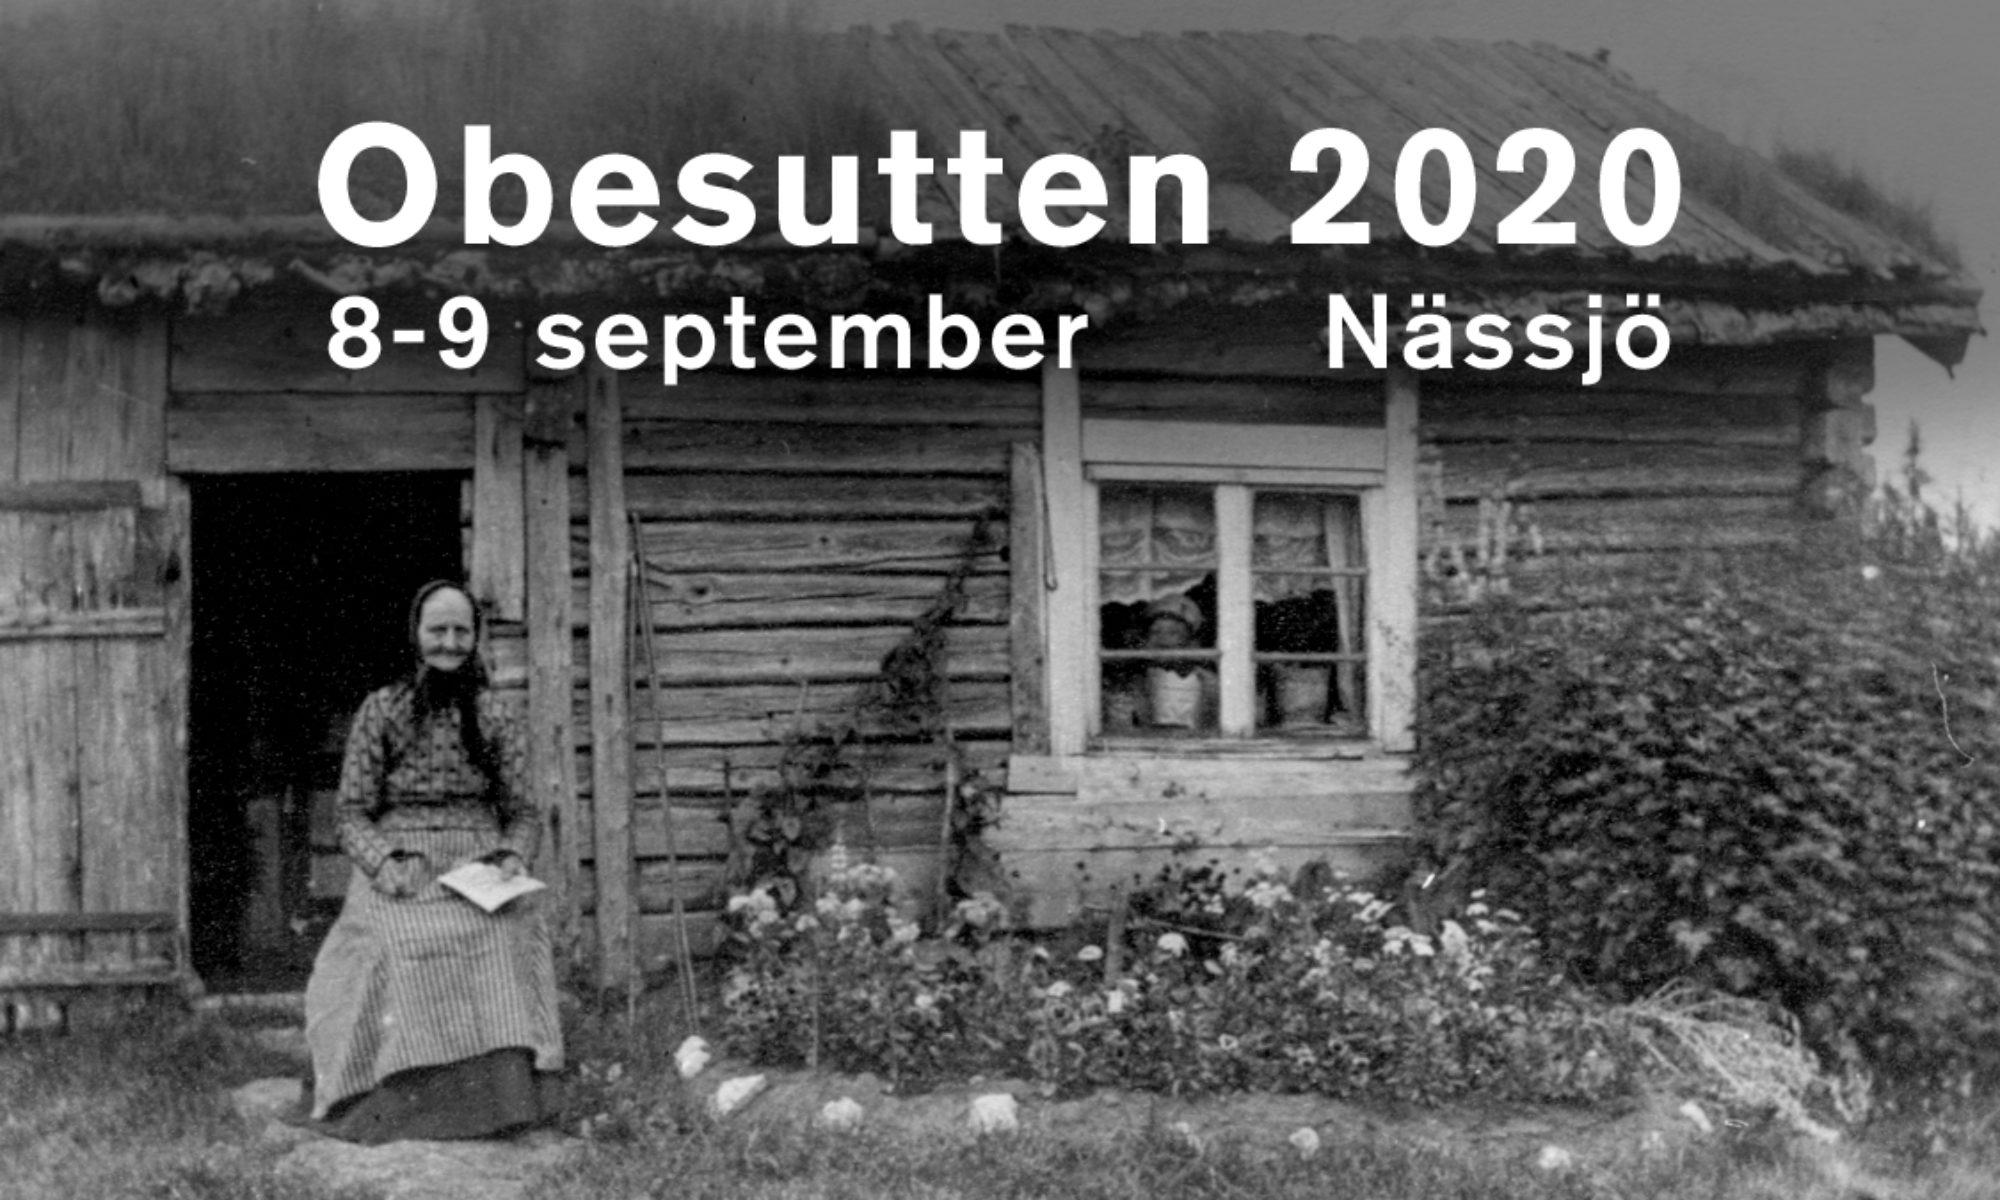 En svartvit äldre bild där en äldre dam sitter utanför en enkel stuga, intill en prydnadsrabatt.